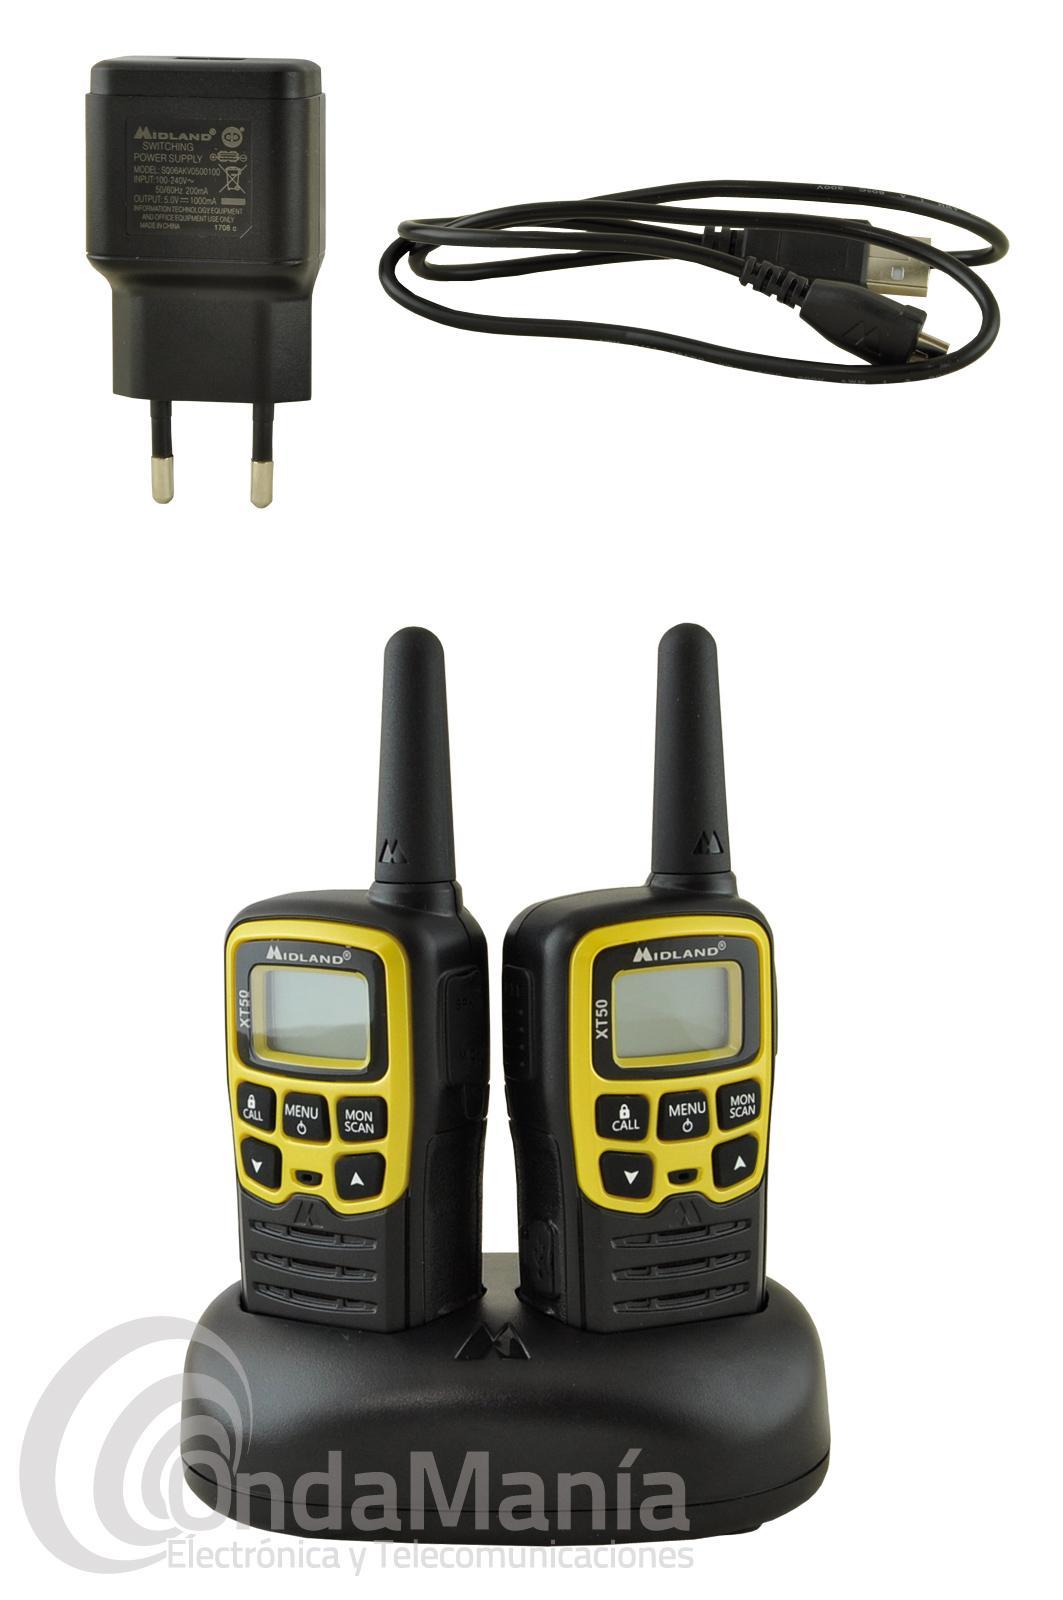 solicitarlo 270810095-0001 Loncin solenoide interruptores